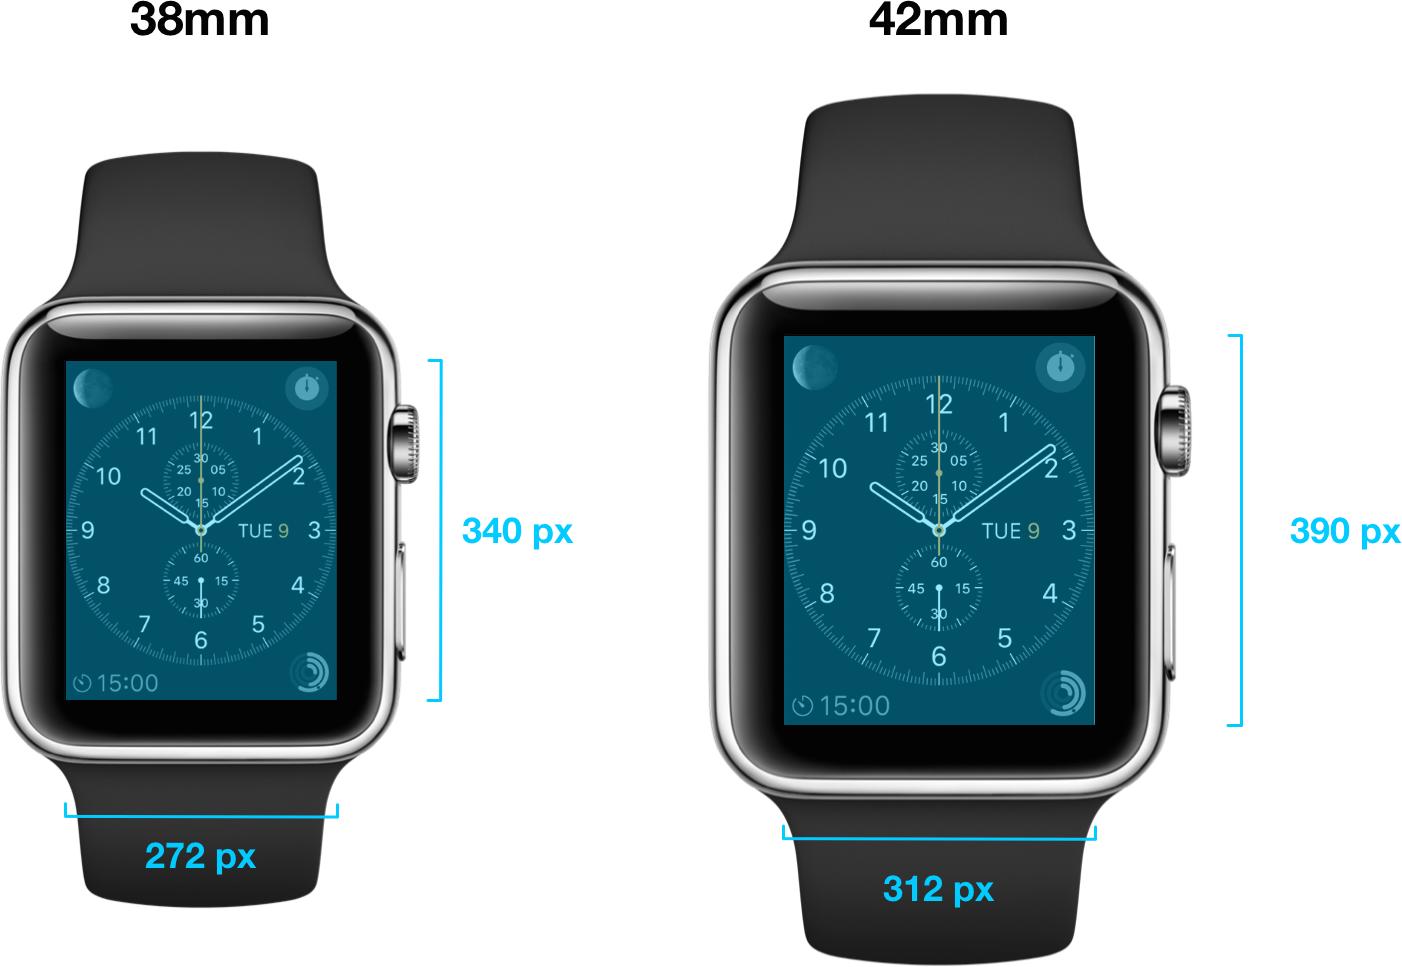 data_applenews_1416356469_watch_screen_sizes_2x